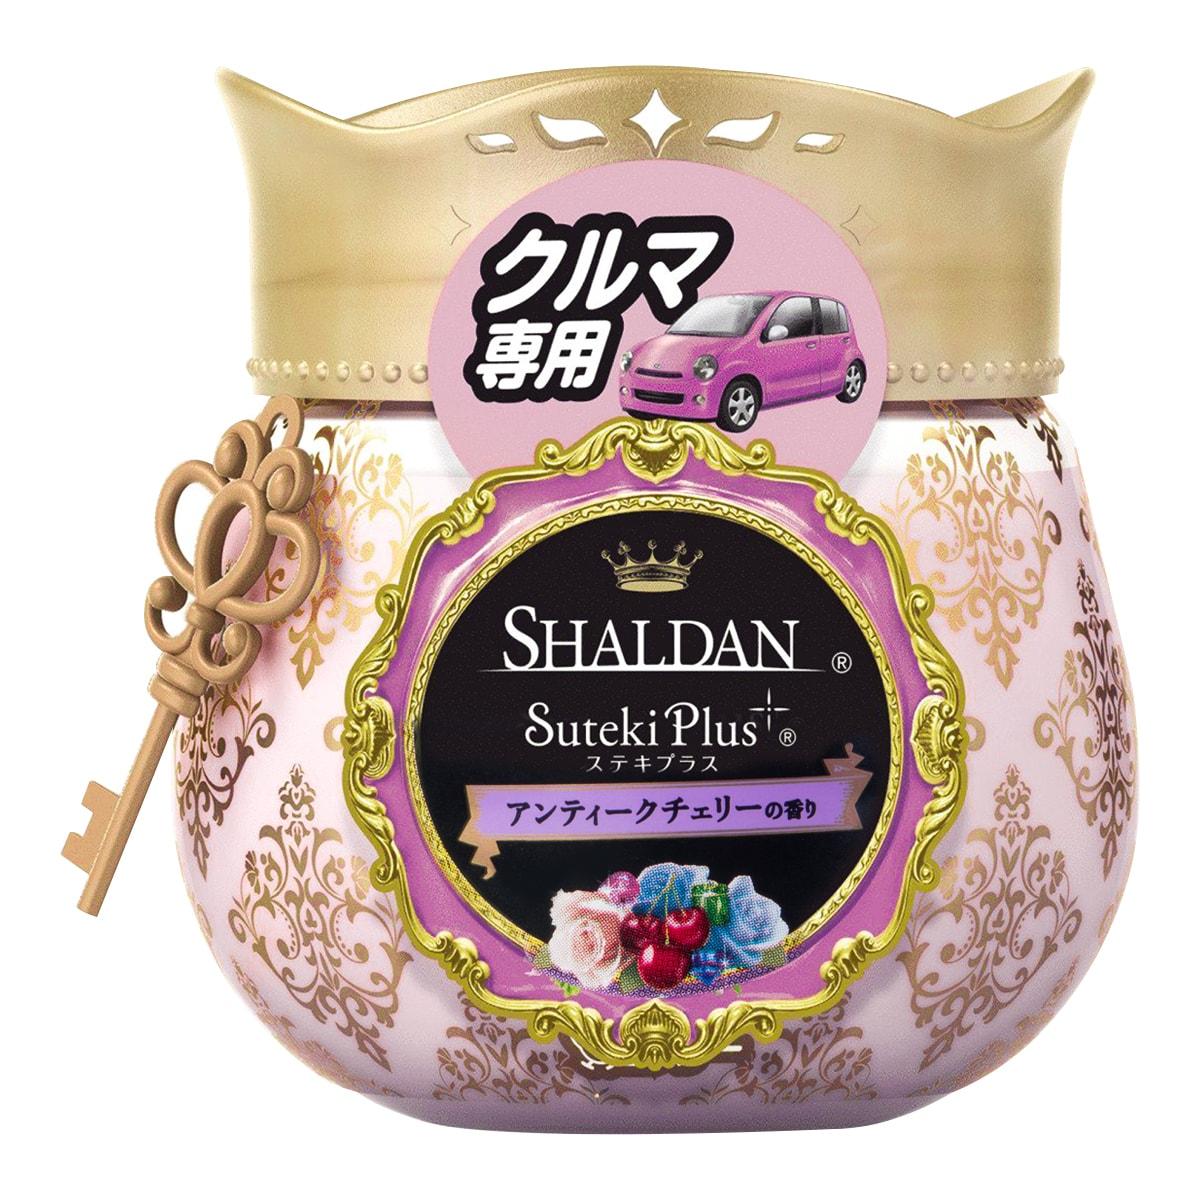 日本ST鸡仔牌 SHALDAN 车用梦幻香水果冻芳香剂 #甜蜜樱桃 90g